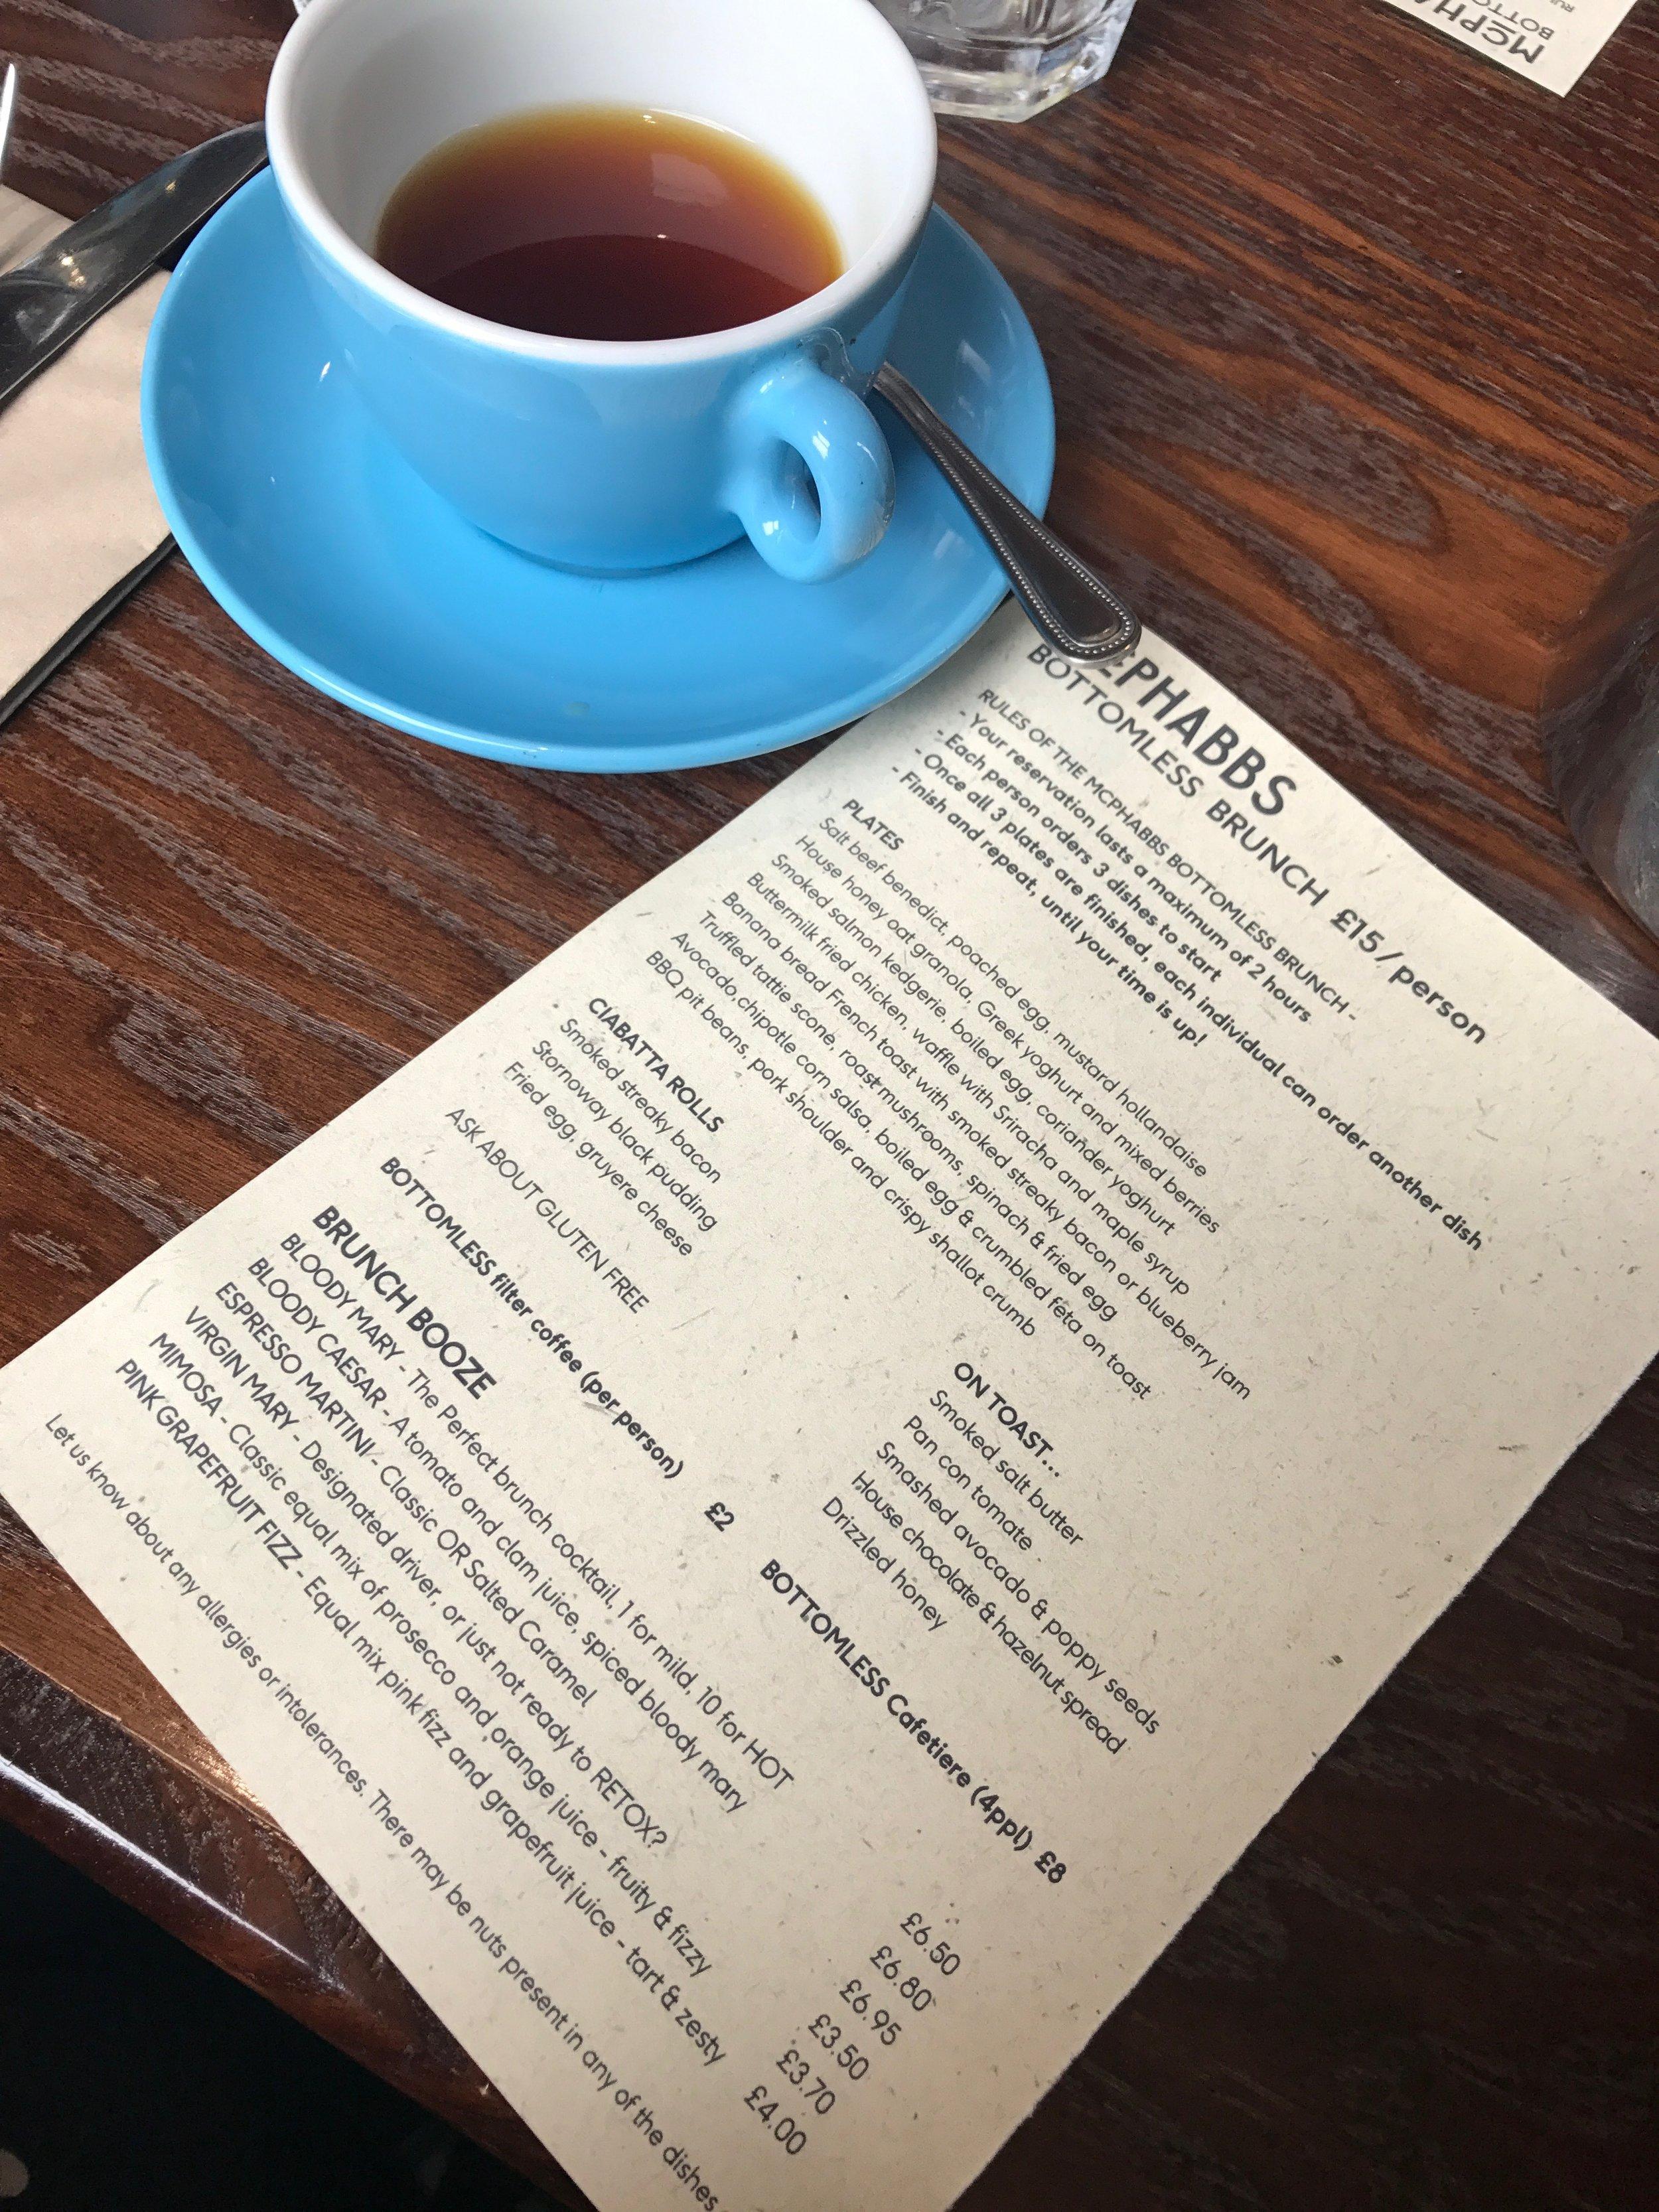 Bottomless brunch menu + filter coffee